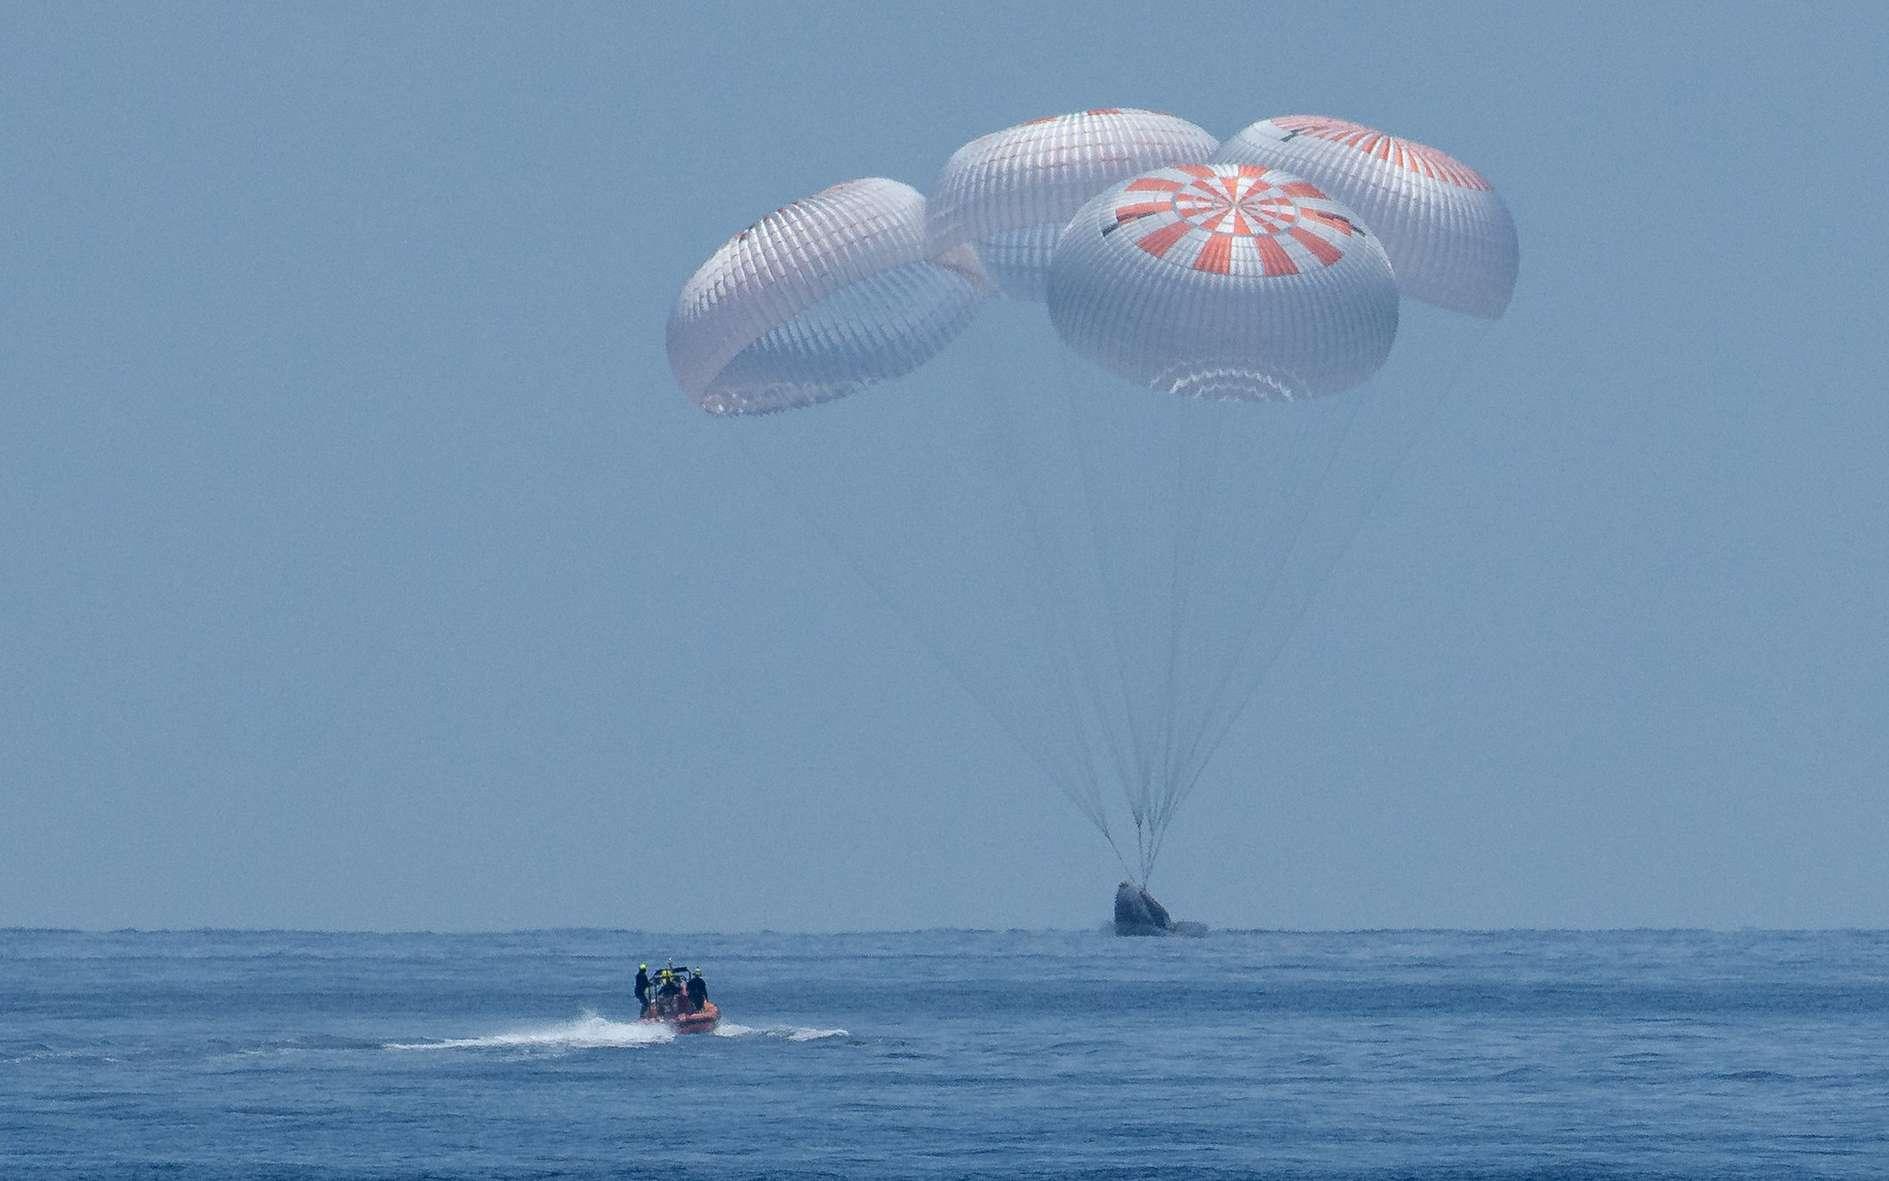 Retour sur Terre de la capsule Crew Dragon de SpaceX avec à son bord les astronautes Doug Hurley et Bob Behnken. © Nasa, Bill Ingalls